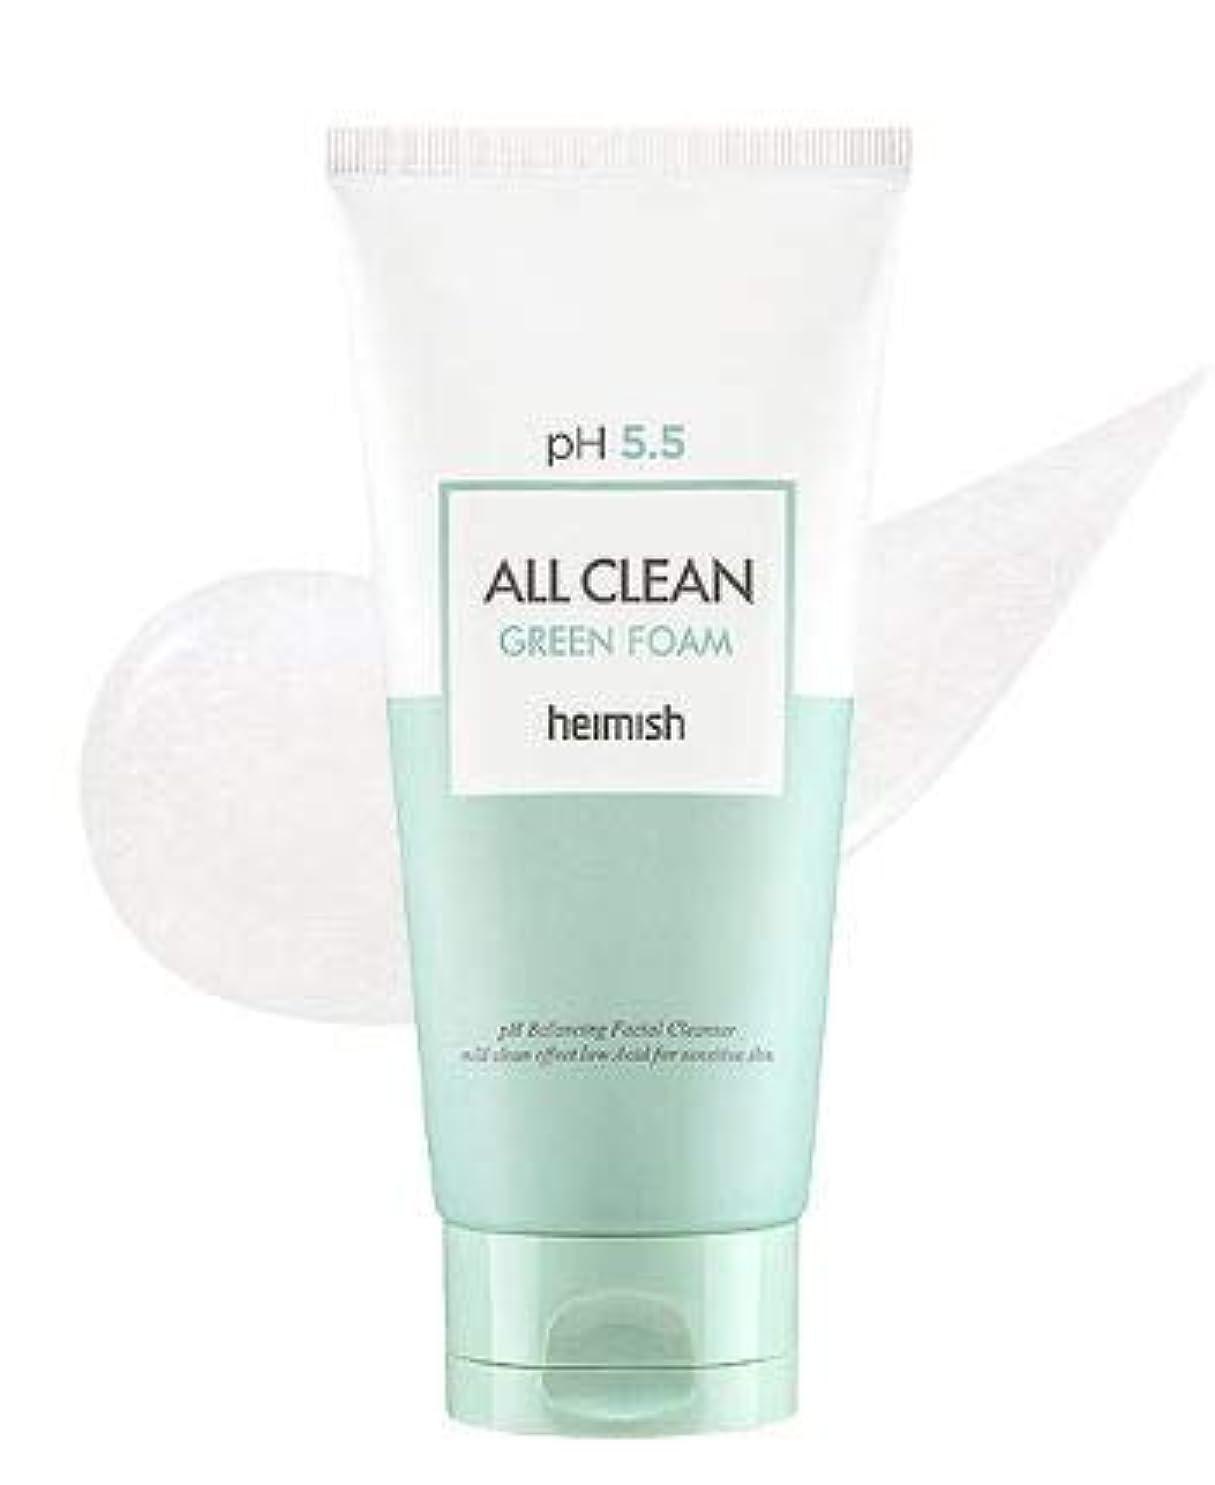 りアレイ曇った[heimish] All Clean Green Foam 150g / [ヘイミッシュ] オールクリーン グリーン フォーム 150g [並行輸入品]